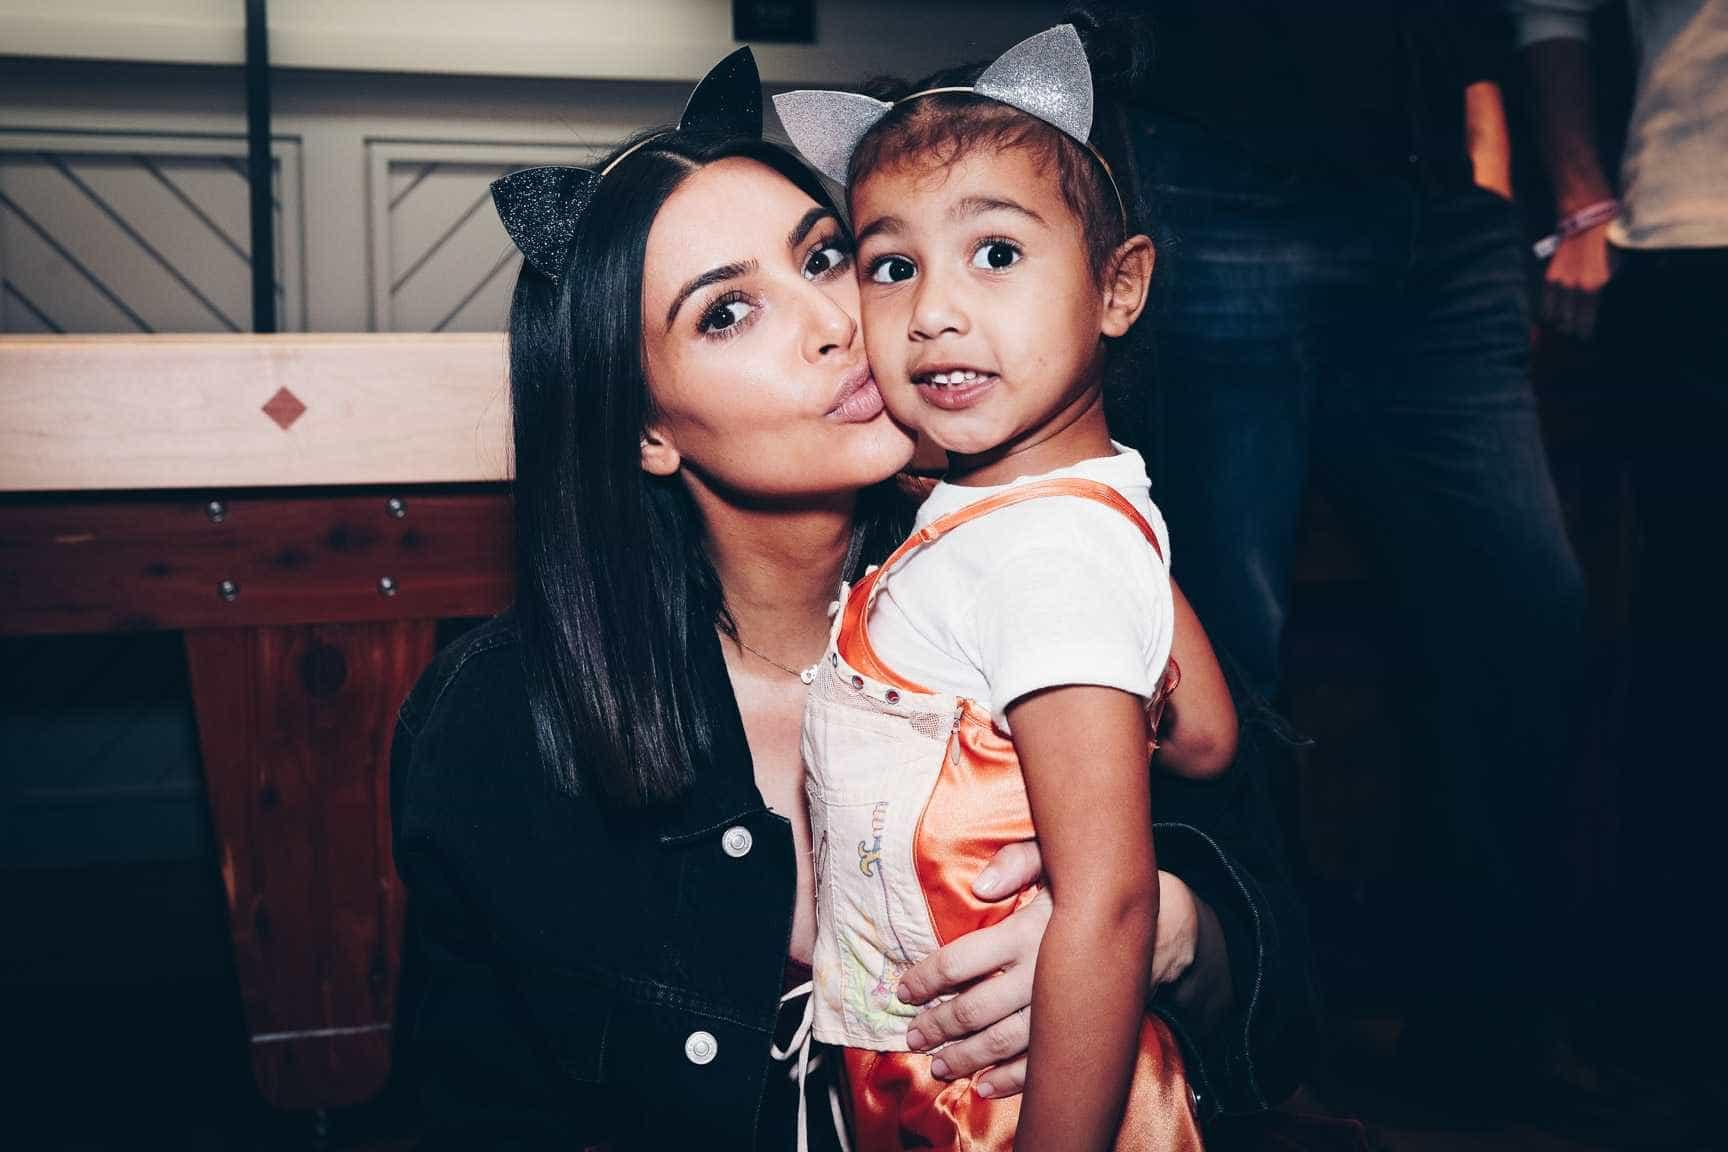 Filha de Kim Kardashian fingiu que a mãe tinha morrido